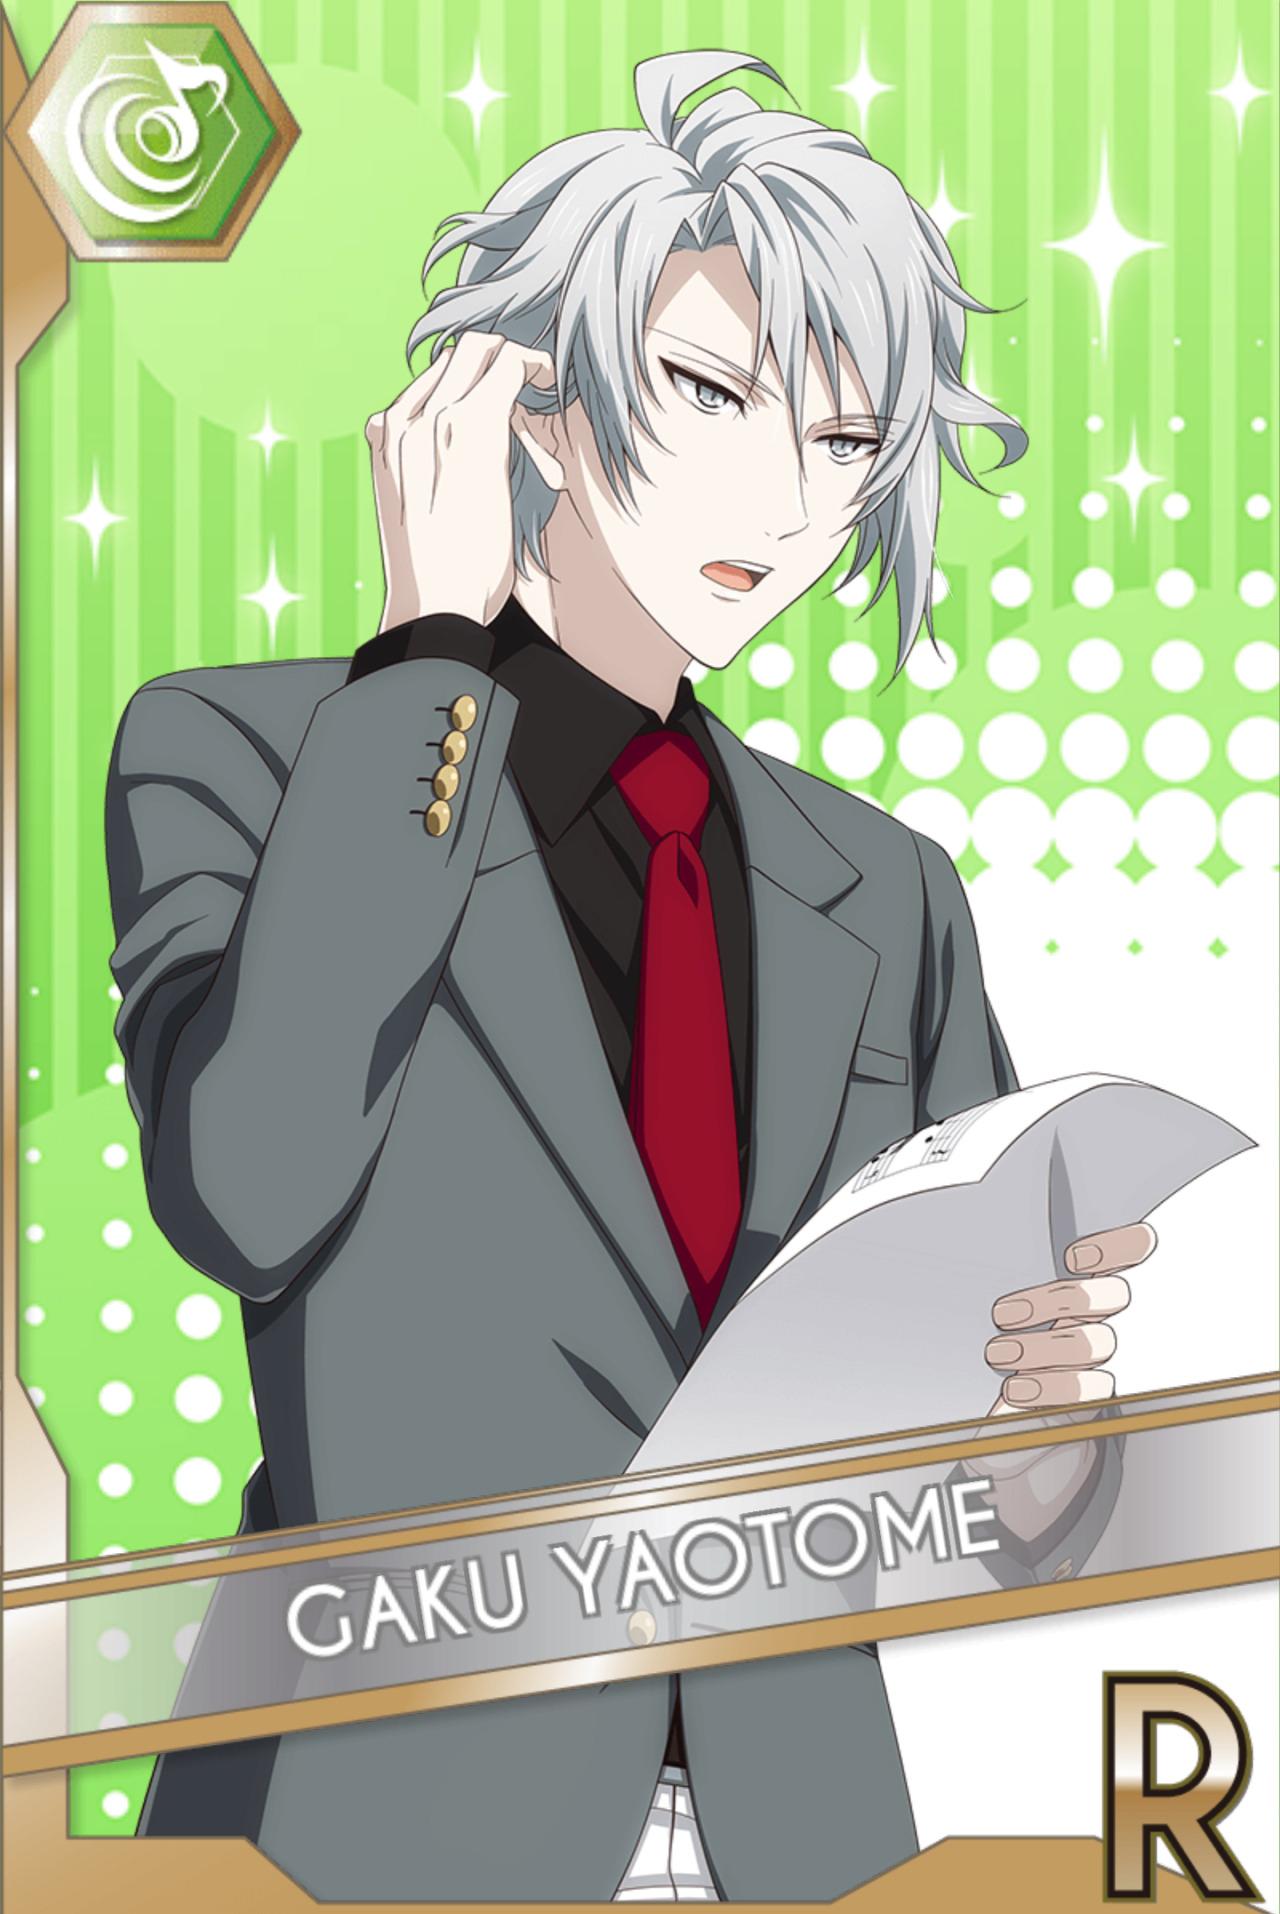 Gaku Yaotome (Trigger Academy)